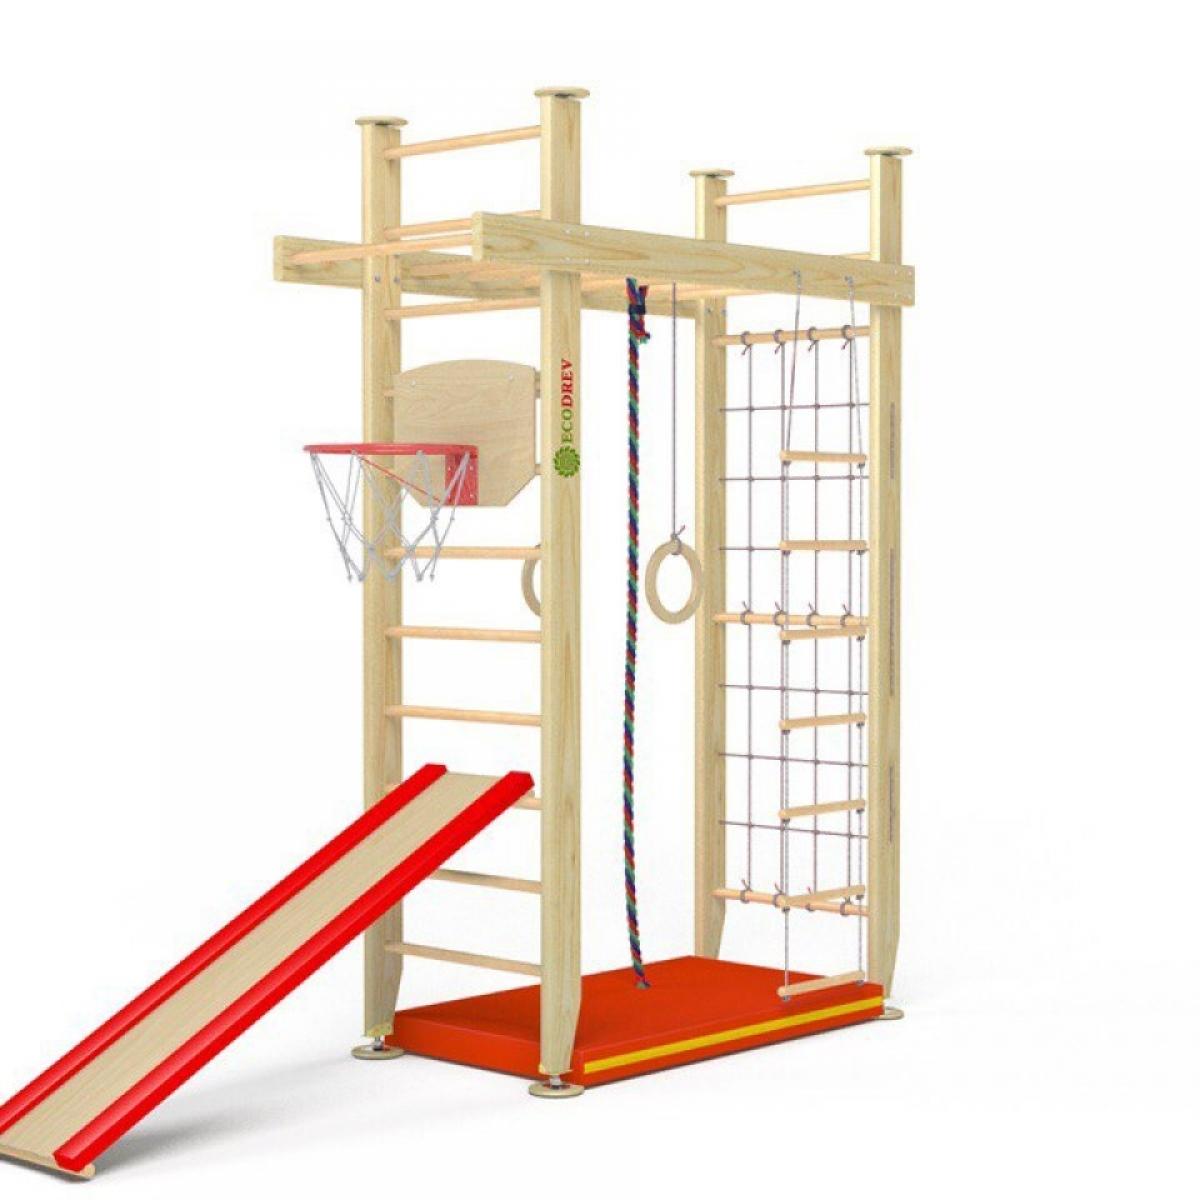 Детский игровой комплекс Крепыш П-образный с верхним турником враспор (лак, полная комплектация)